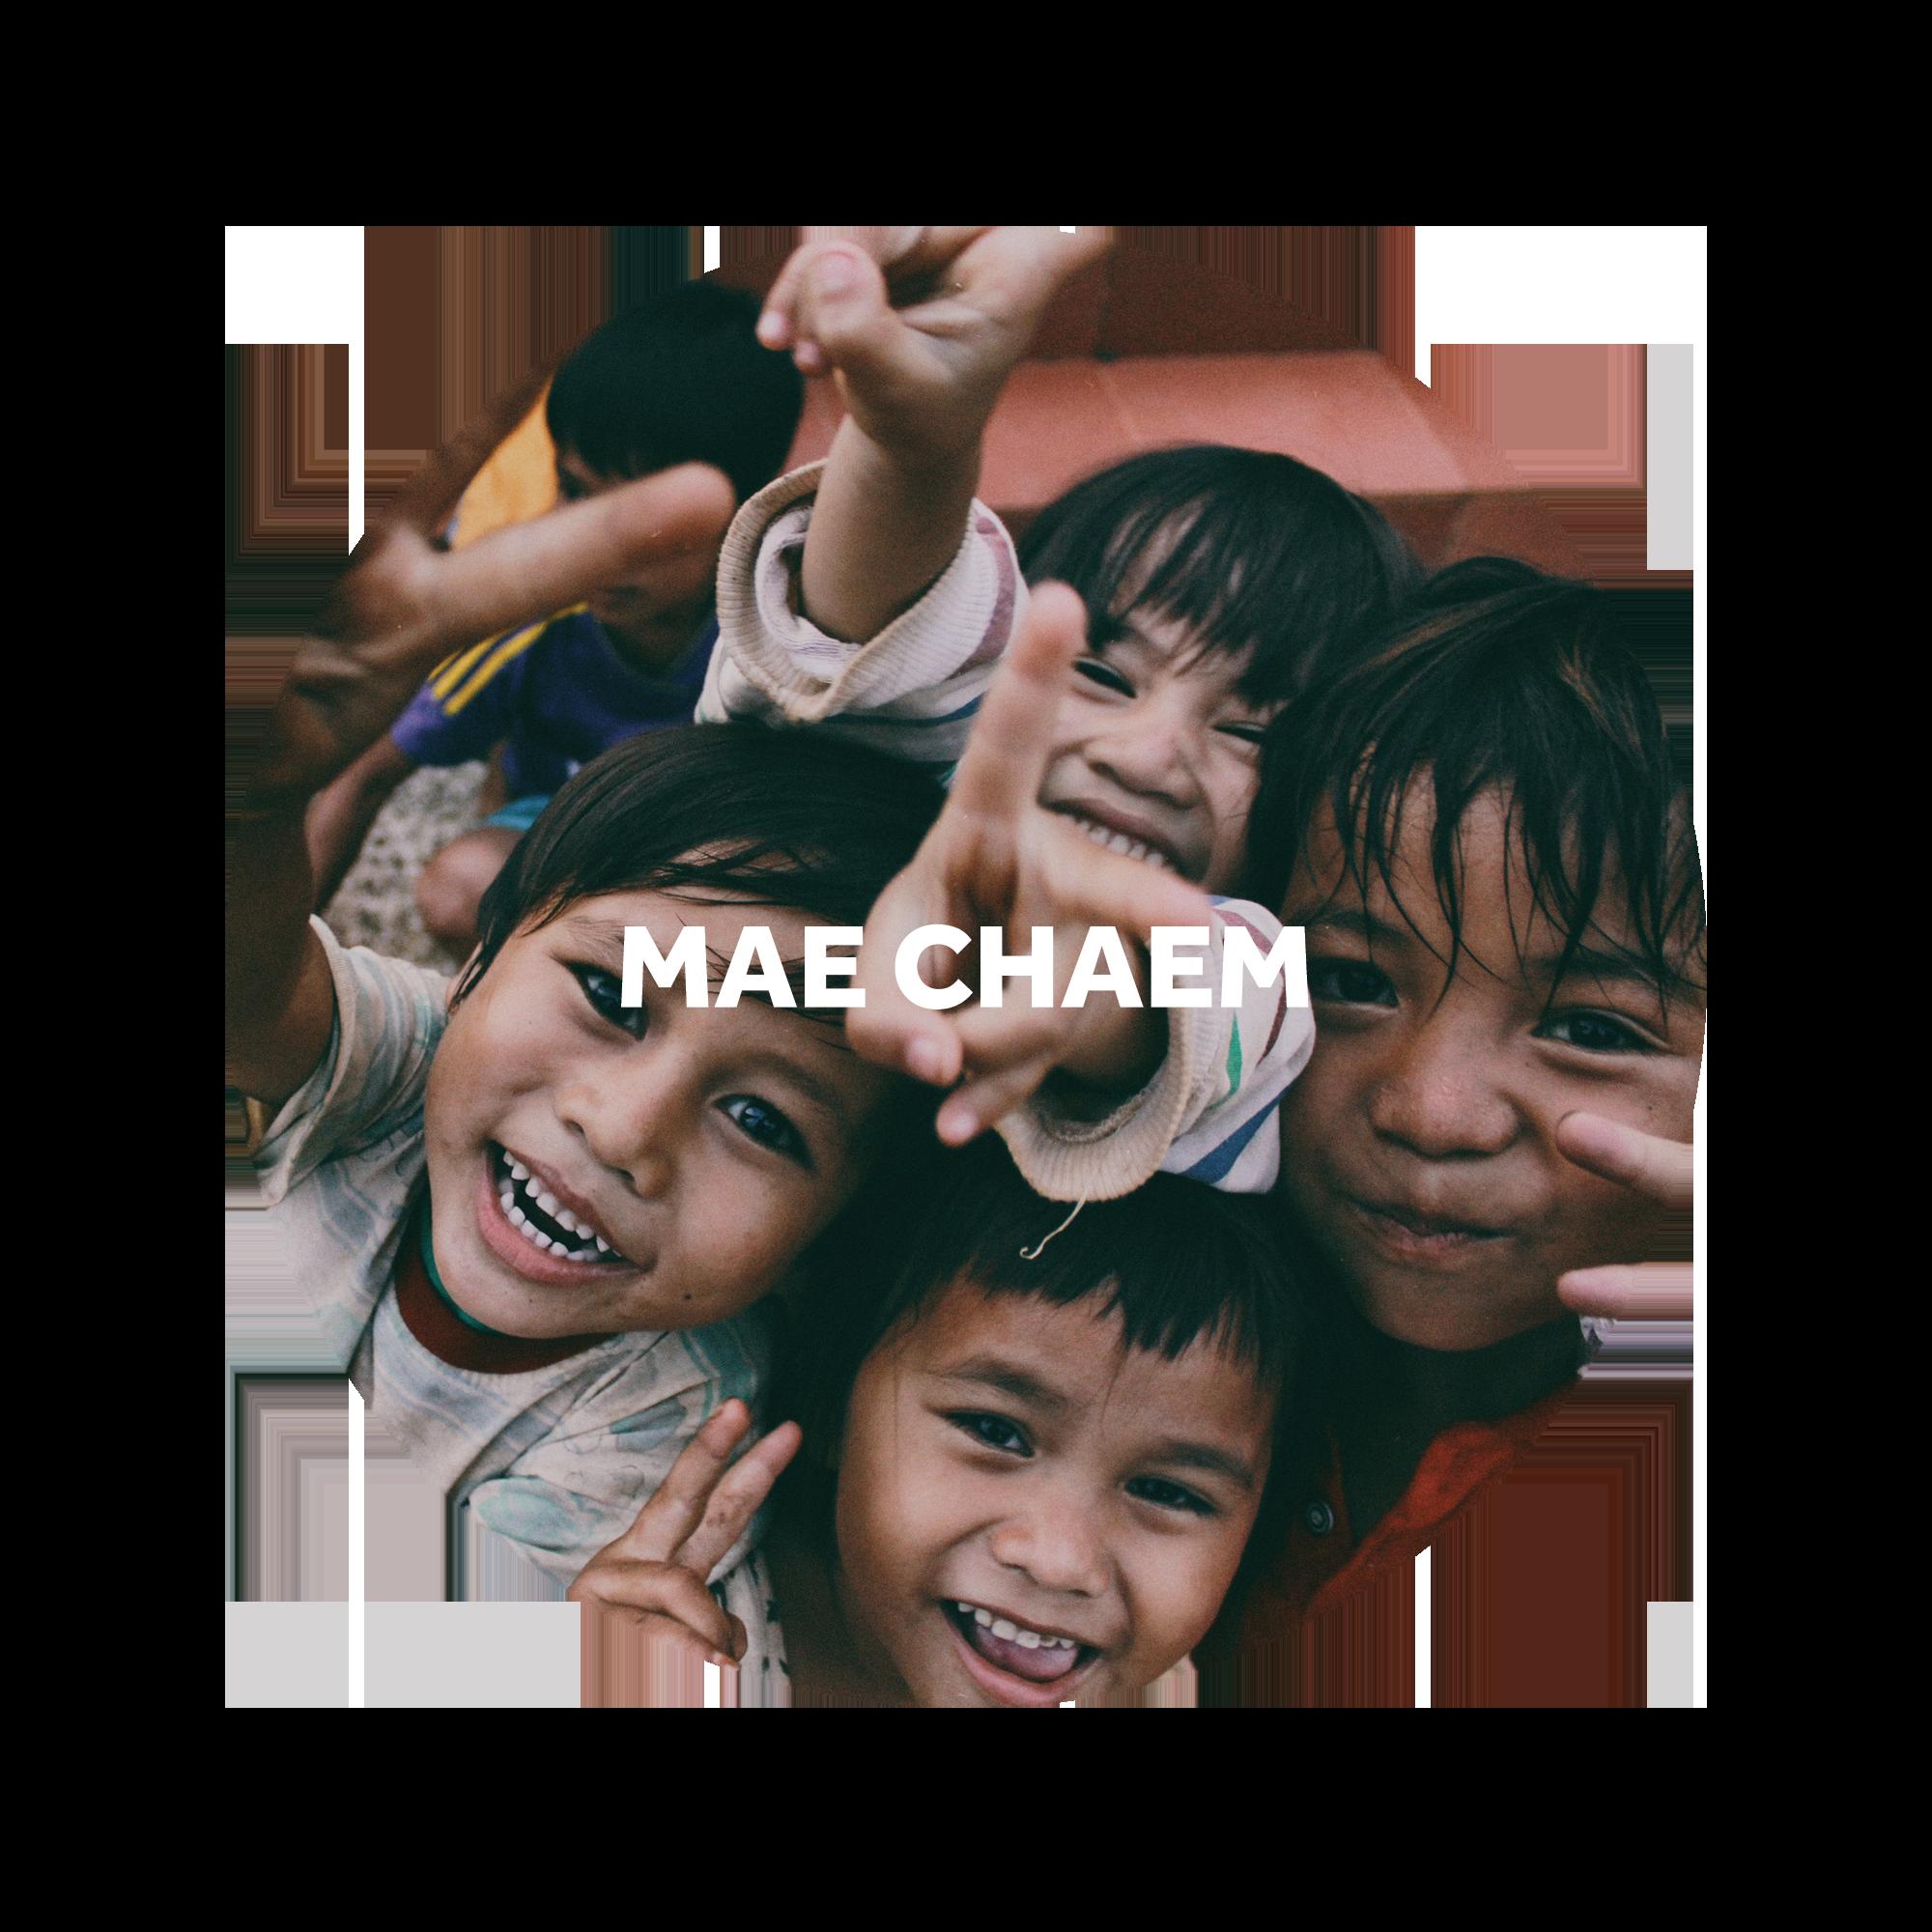 MaeChaem.png